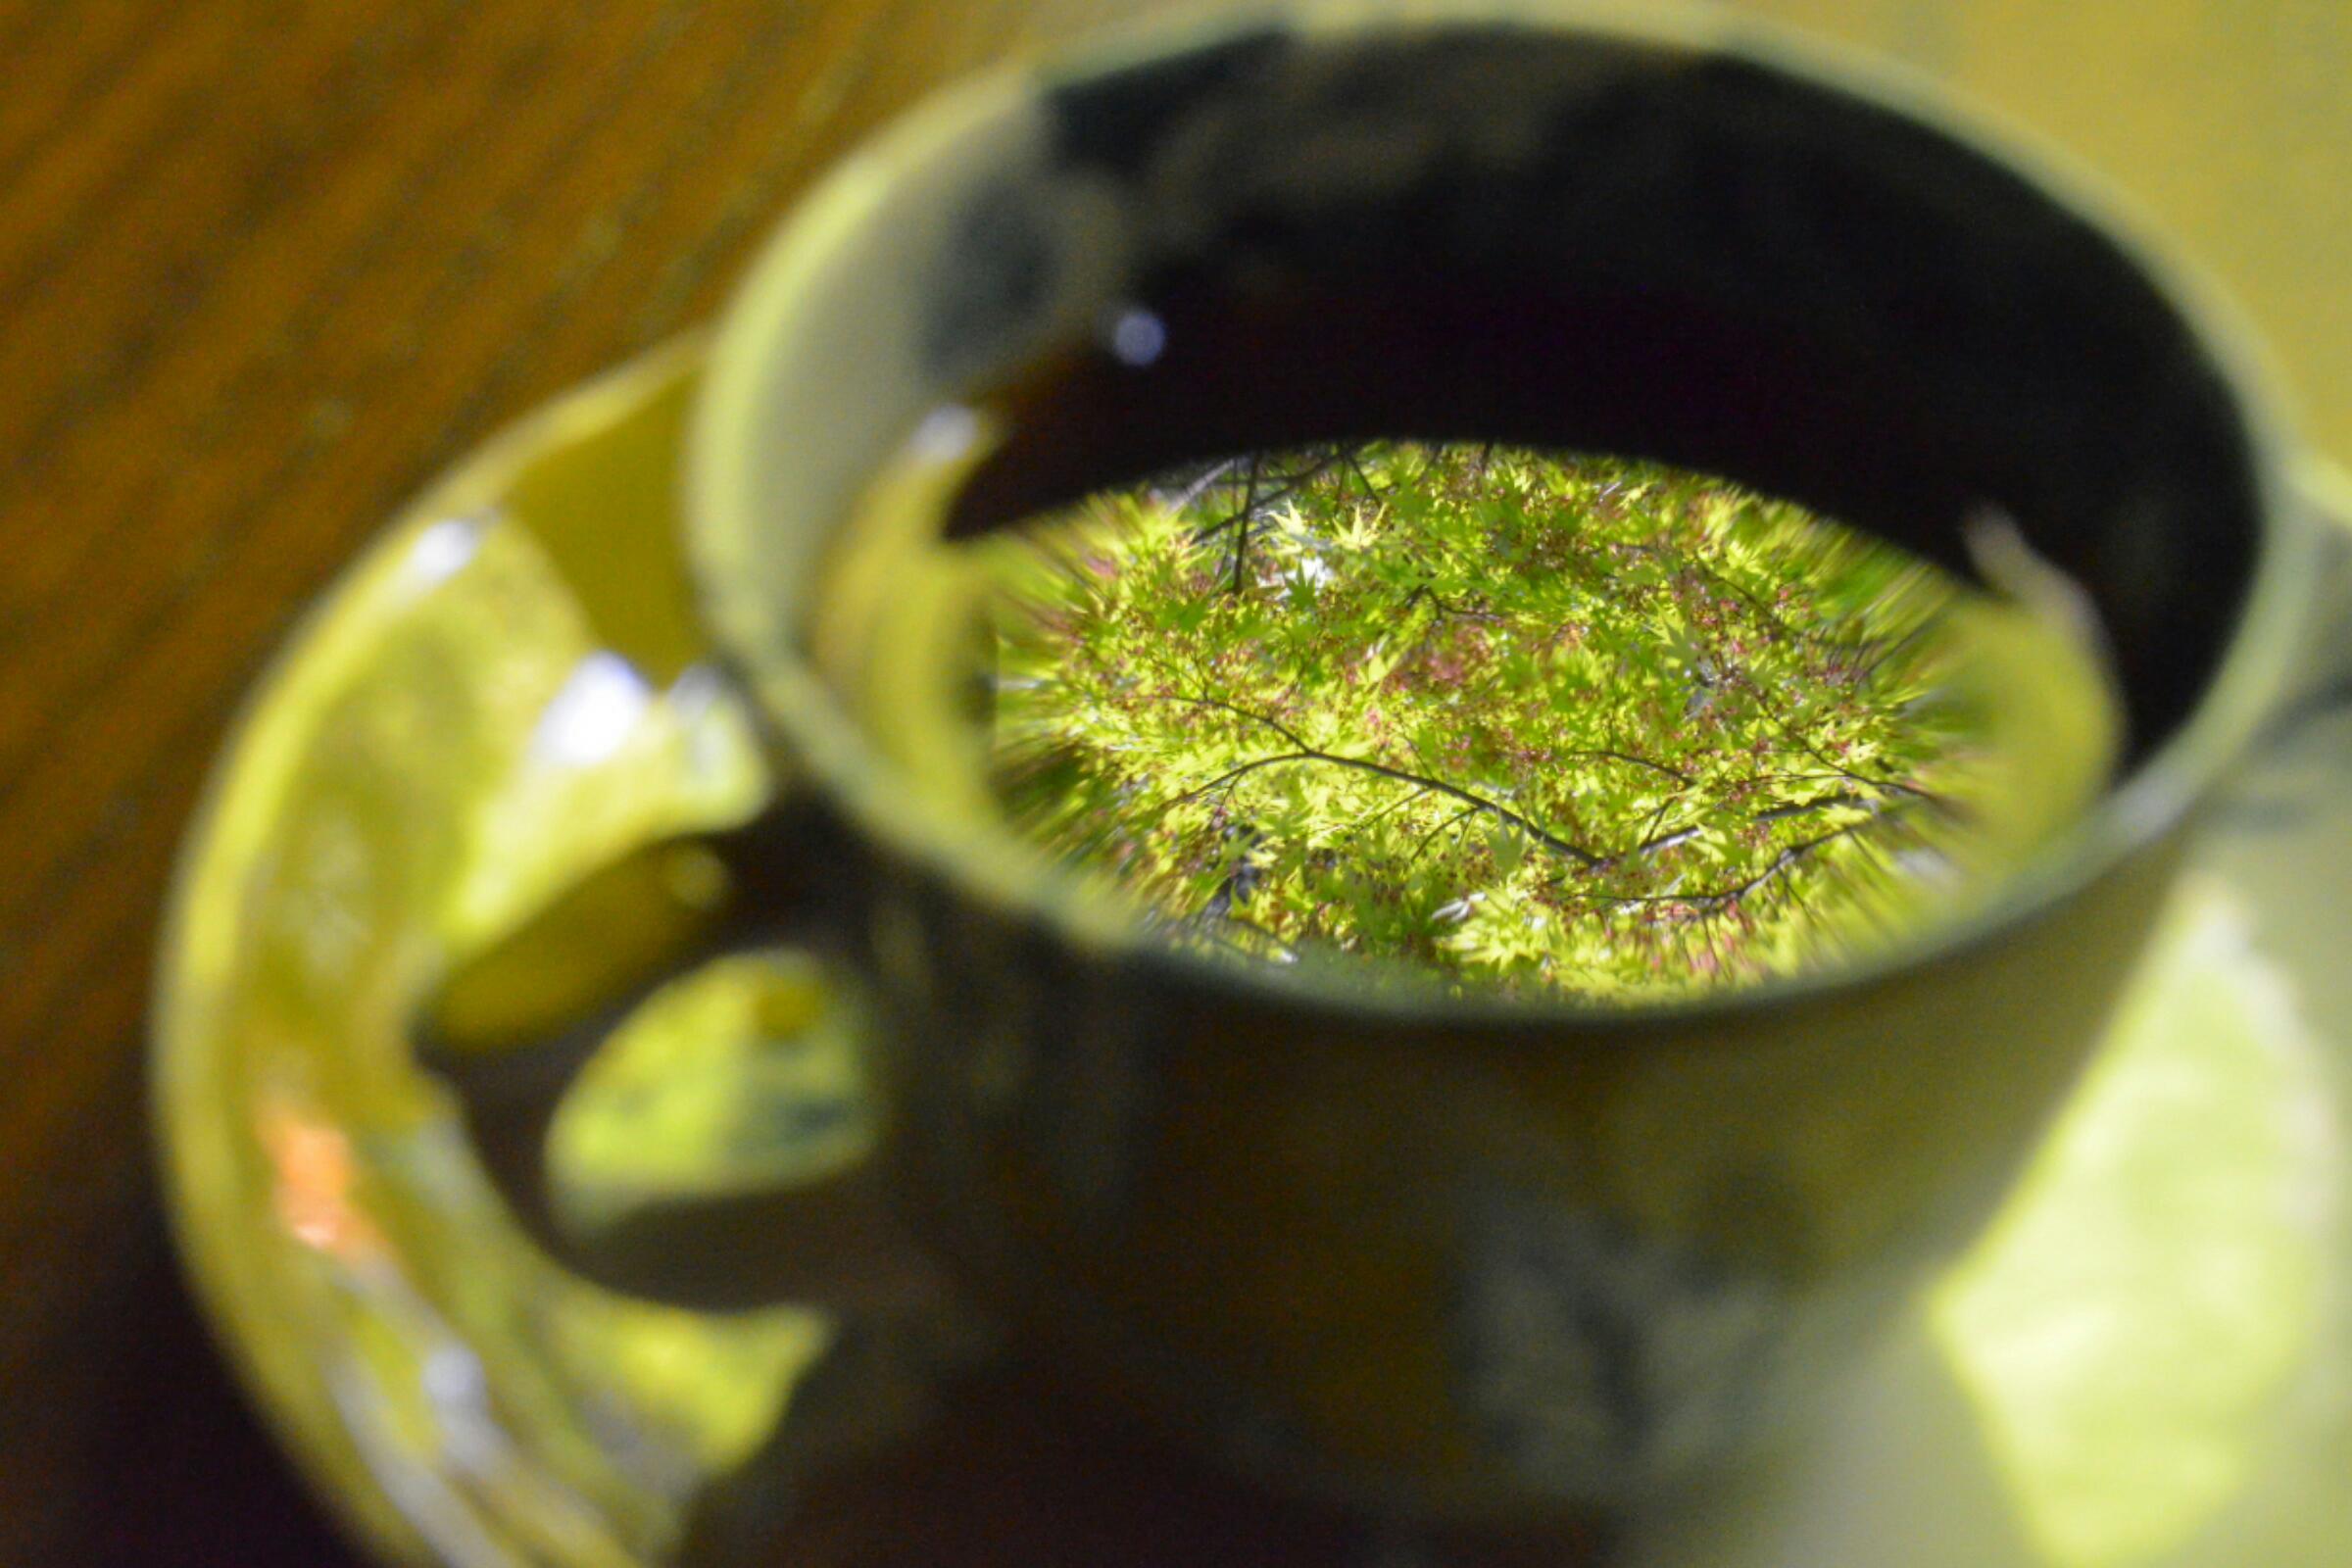 緑を眺めながらコーヒーを